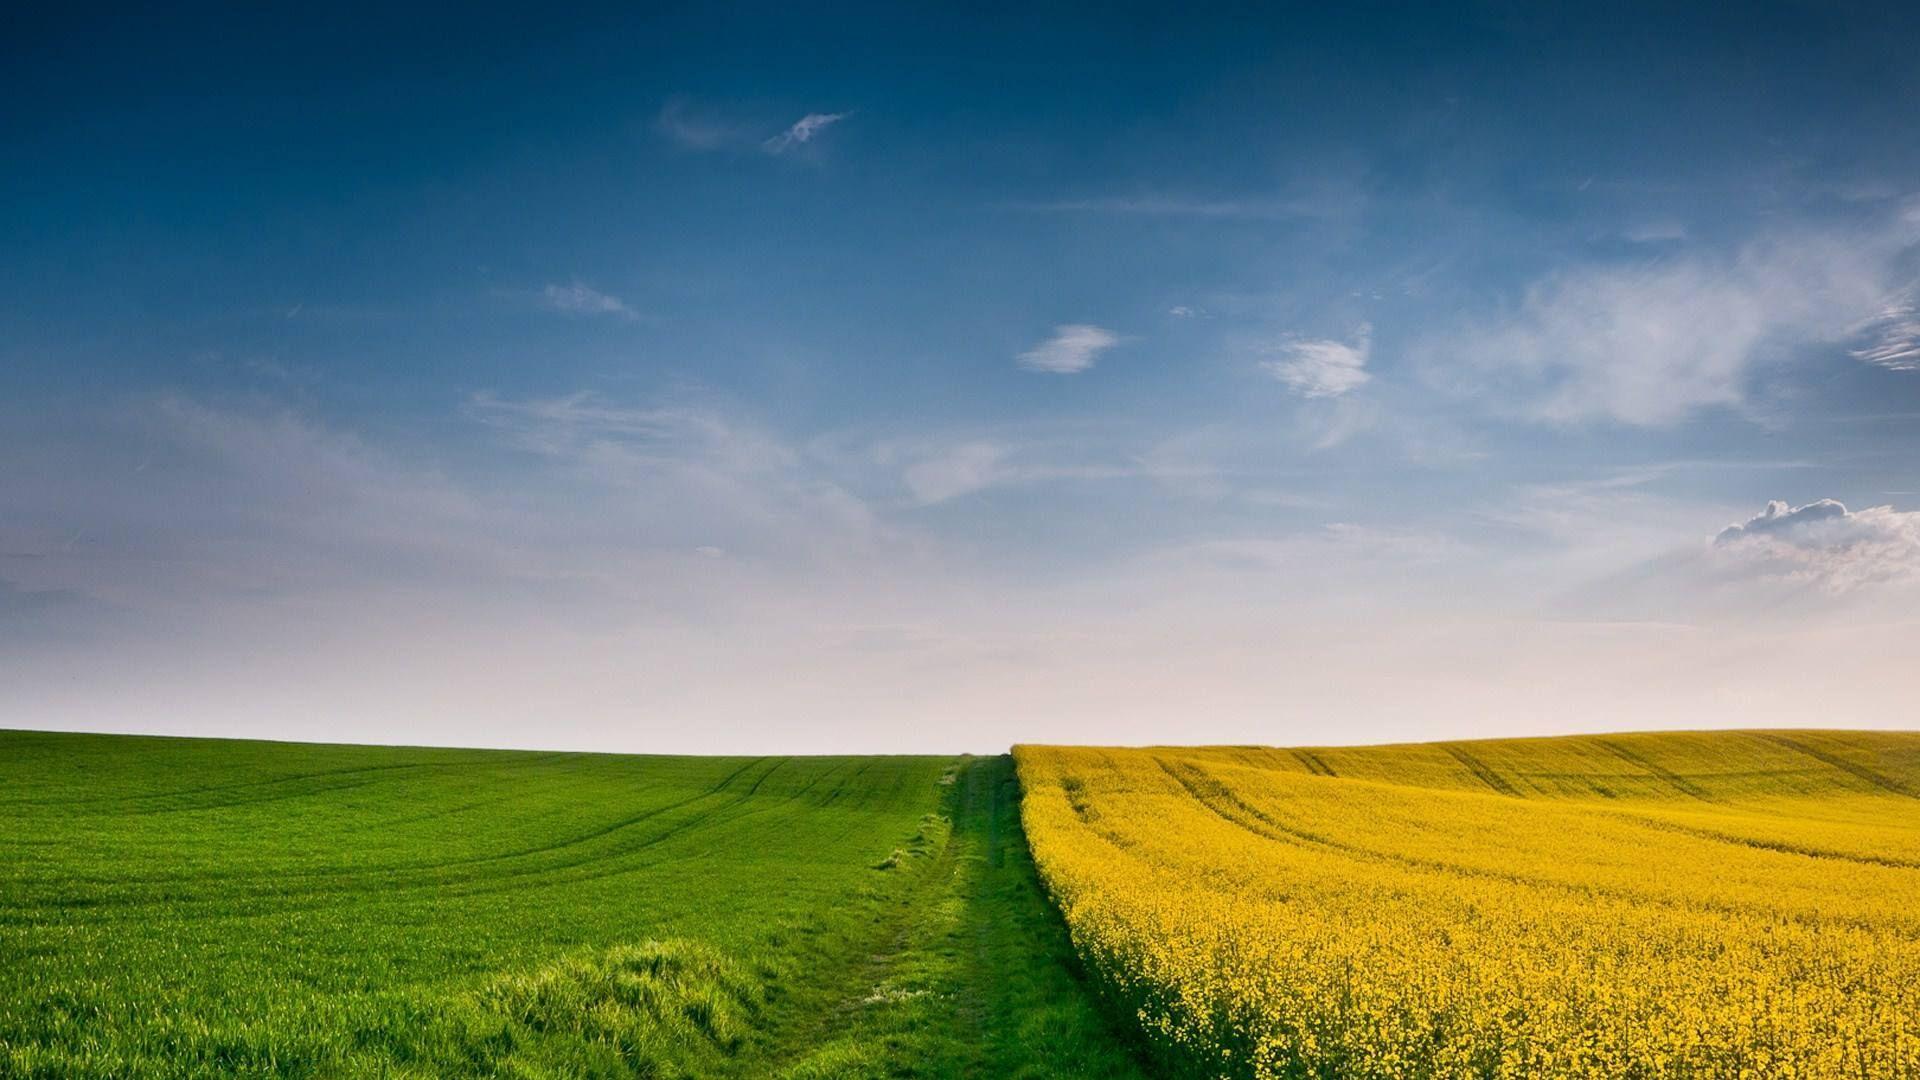 唯美风景壁纸,聆听大自然的美